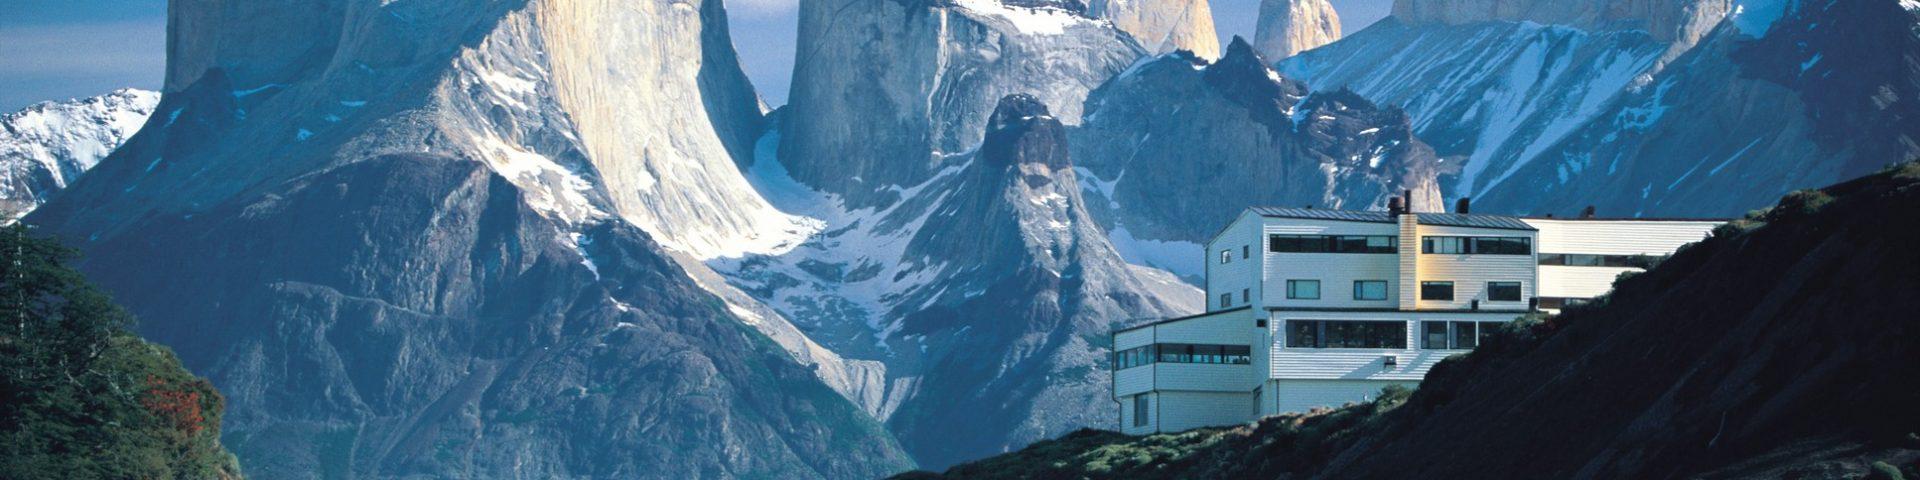 Туризм в Чили: варианты